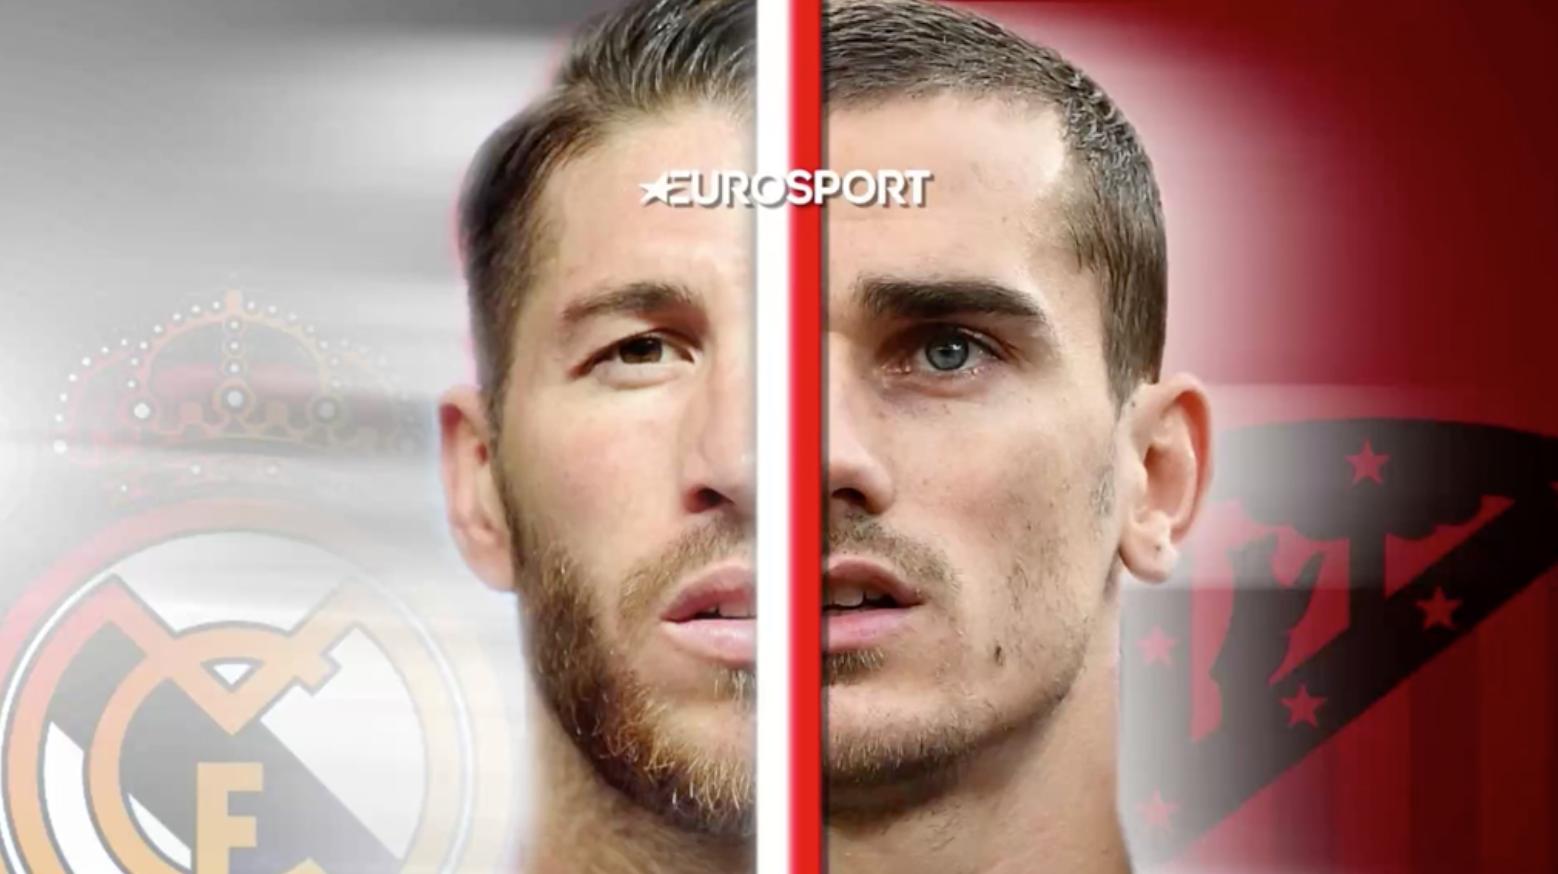 VIDEO EuroSport: La previa en 60 segundos del Real Madrid-Atlético de Madrid (21:00) 1